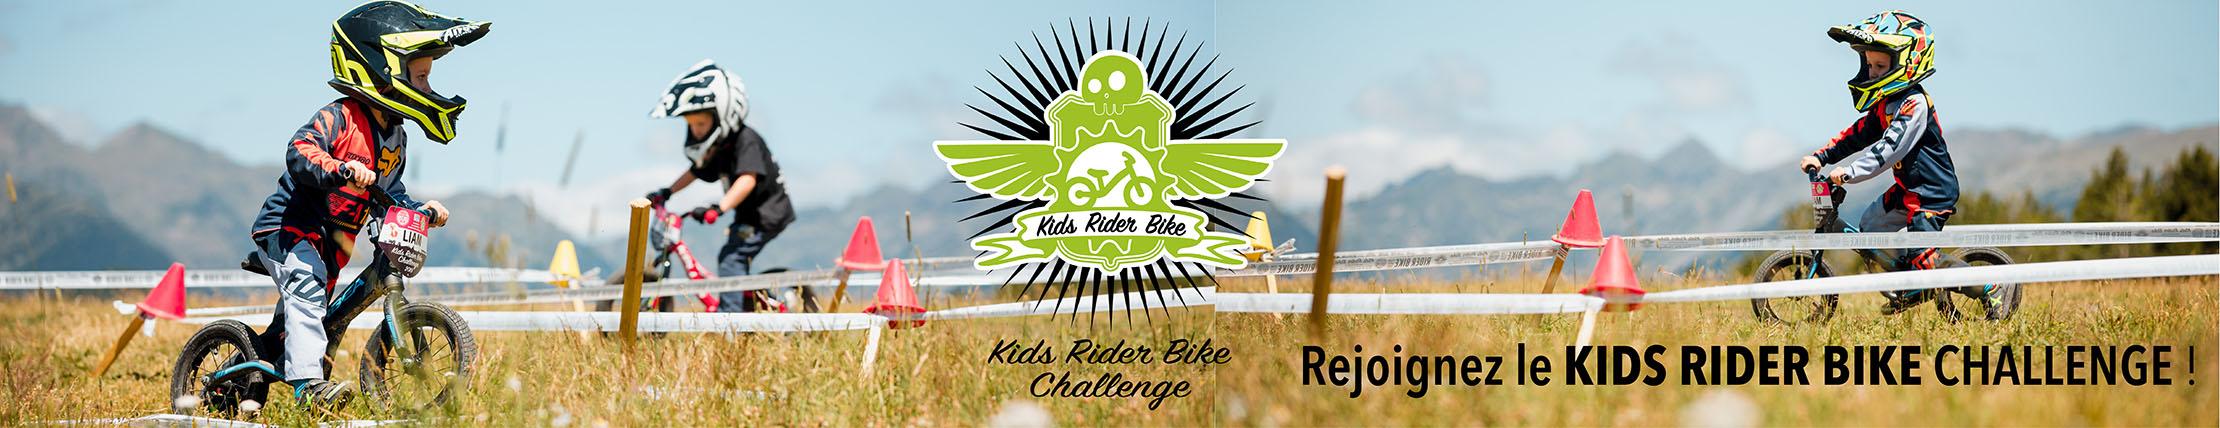 Le kids rider bike challenge